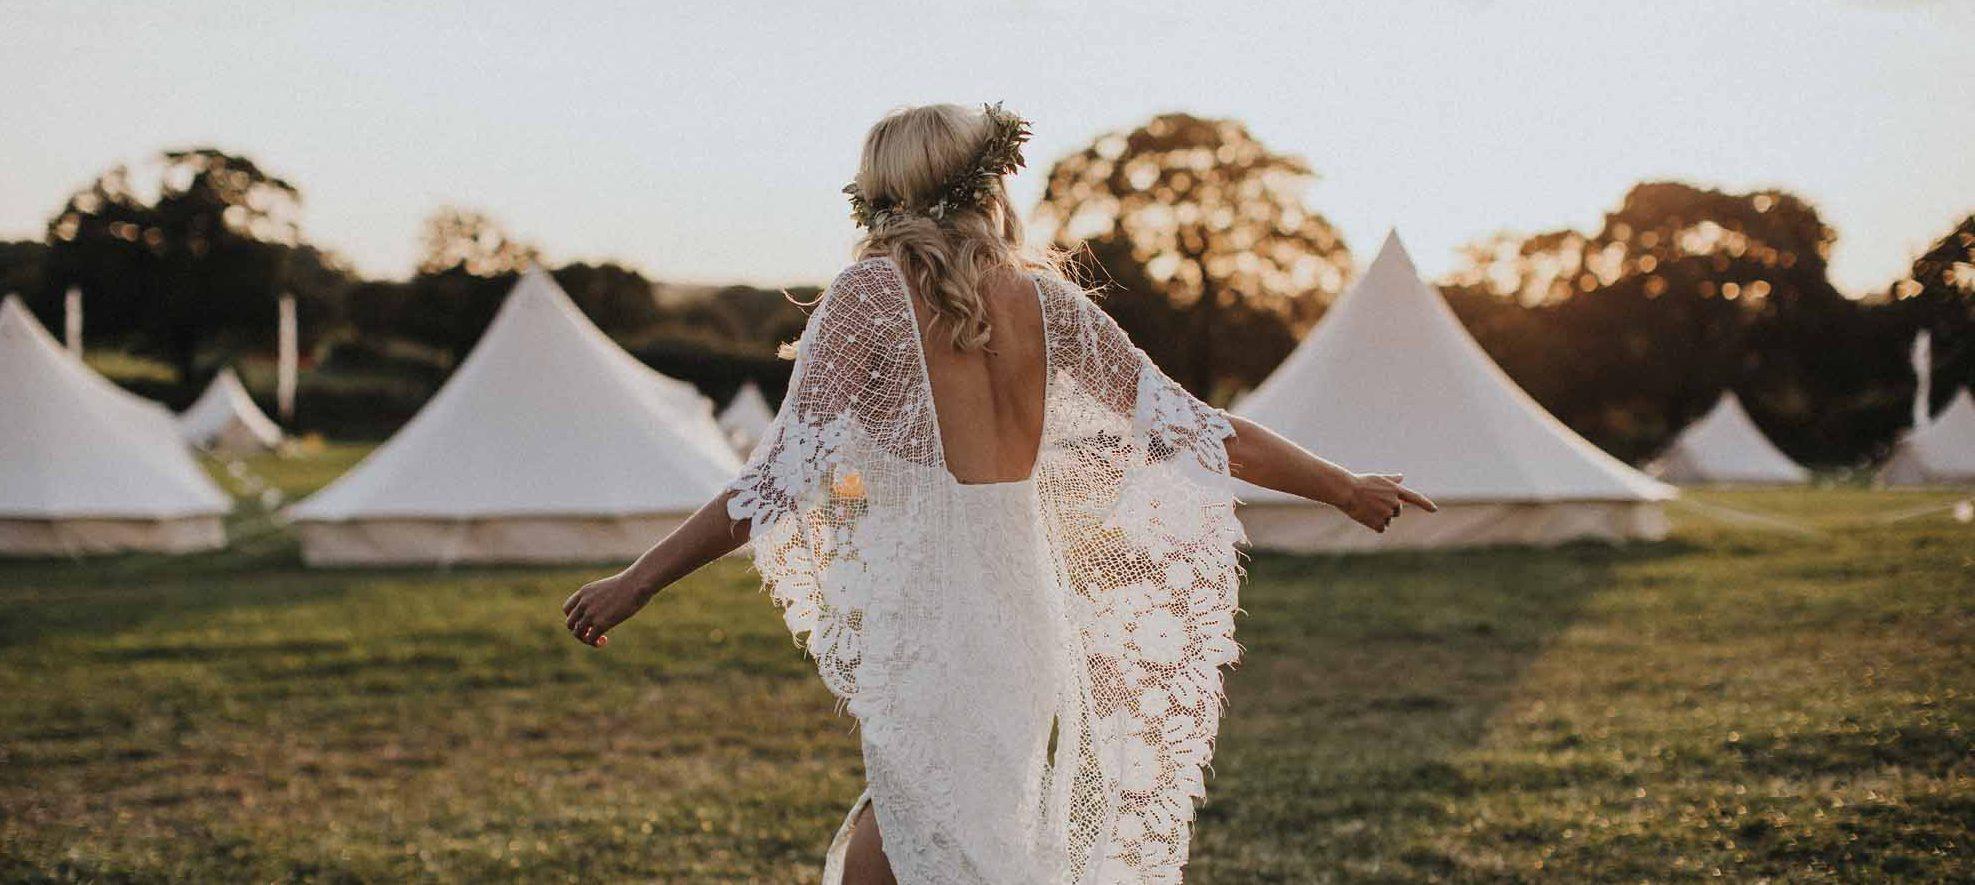 Glamping for Tipi Weddings